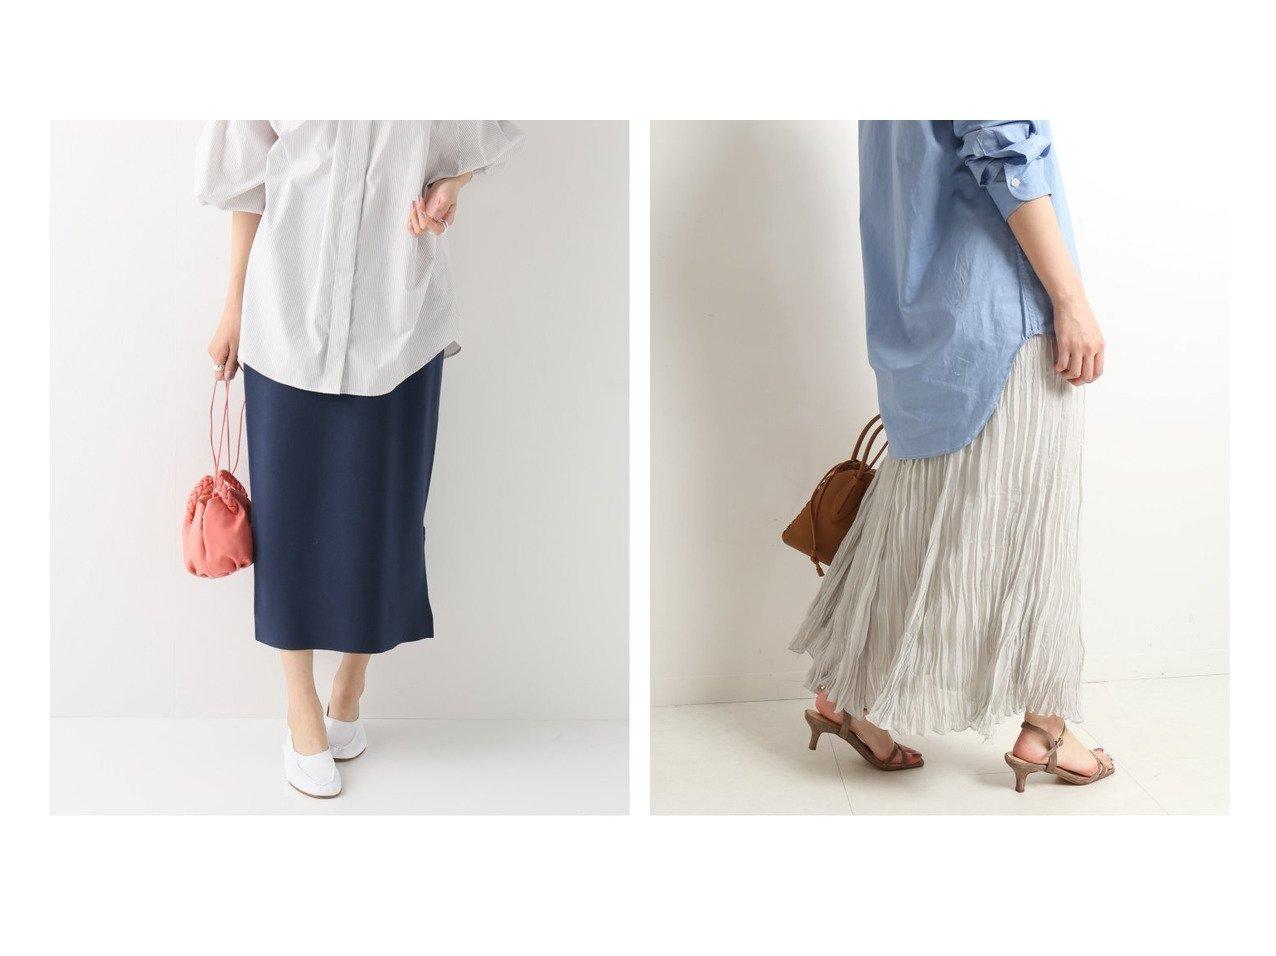 【SLOBE IENA/スローブ イエナ】のプリーツフレアスカート&【IENA/イエナ】のP ミラノリブスカート スカートのおすすめ!人気、トレンド・レディースファッションの通販 おすすめで人気の流行・トレンド、ファッションの通販商品 メンズファッション・キッズファッション・インテリア・家具・レディースファッション・服の通販 founy(ファニー) https://founy.com/ ファッション Fashion レディースファッション WOMEN スカート Skirt Aライン/フレアスカート Flared A-Line Skirts 2021年 2021 2021 春夏 S/S SS Spring/Summer 2021 S/S 春夏 SS Spring/Summer アシンメトリー シアー プリーツ ランダム 再入荷 Restock/Back in Stock/Re Arrival 春 Spring NEW・新作・新着・新入荷 New Arrivals セットアップ |ID:crp329100000023877